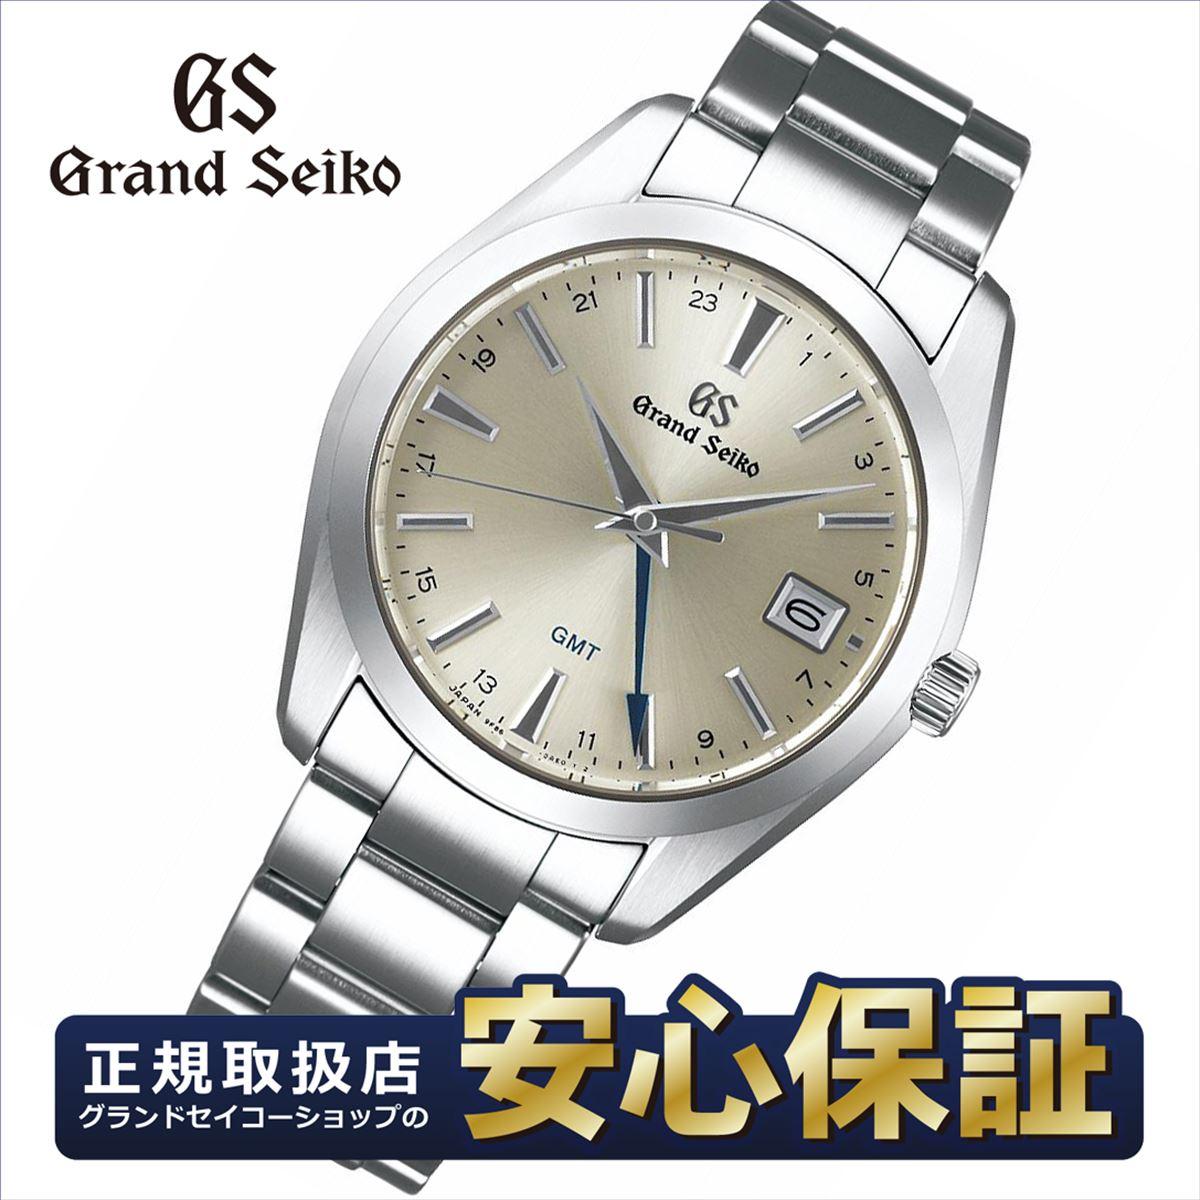 腕時計, メンズ腕時計 2,000OFF53.5232030SEIKO SBGN011 GMT 9F GRAND SEIKO 022010spl